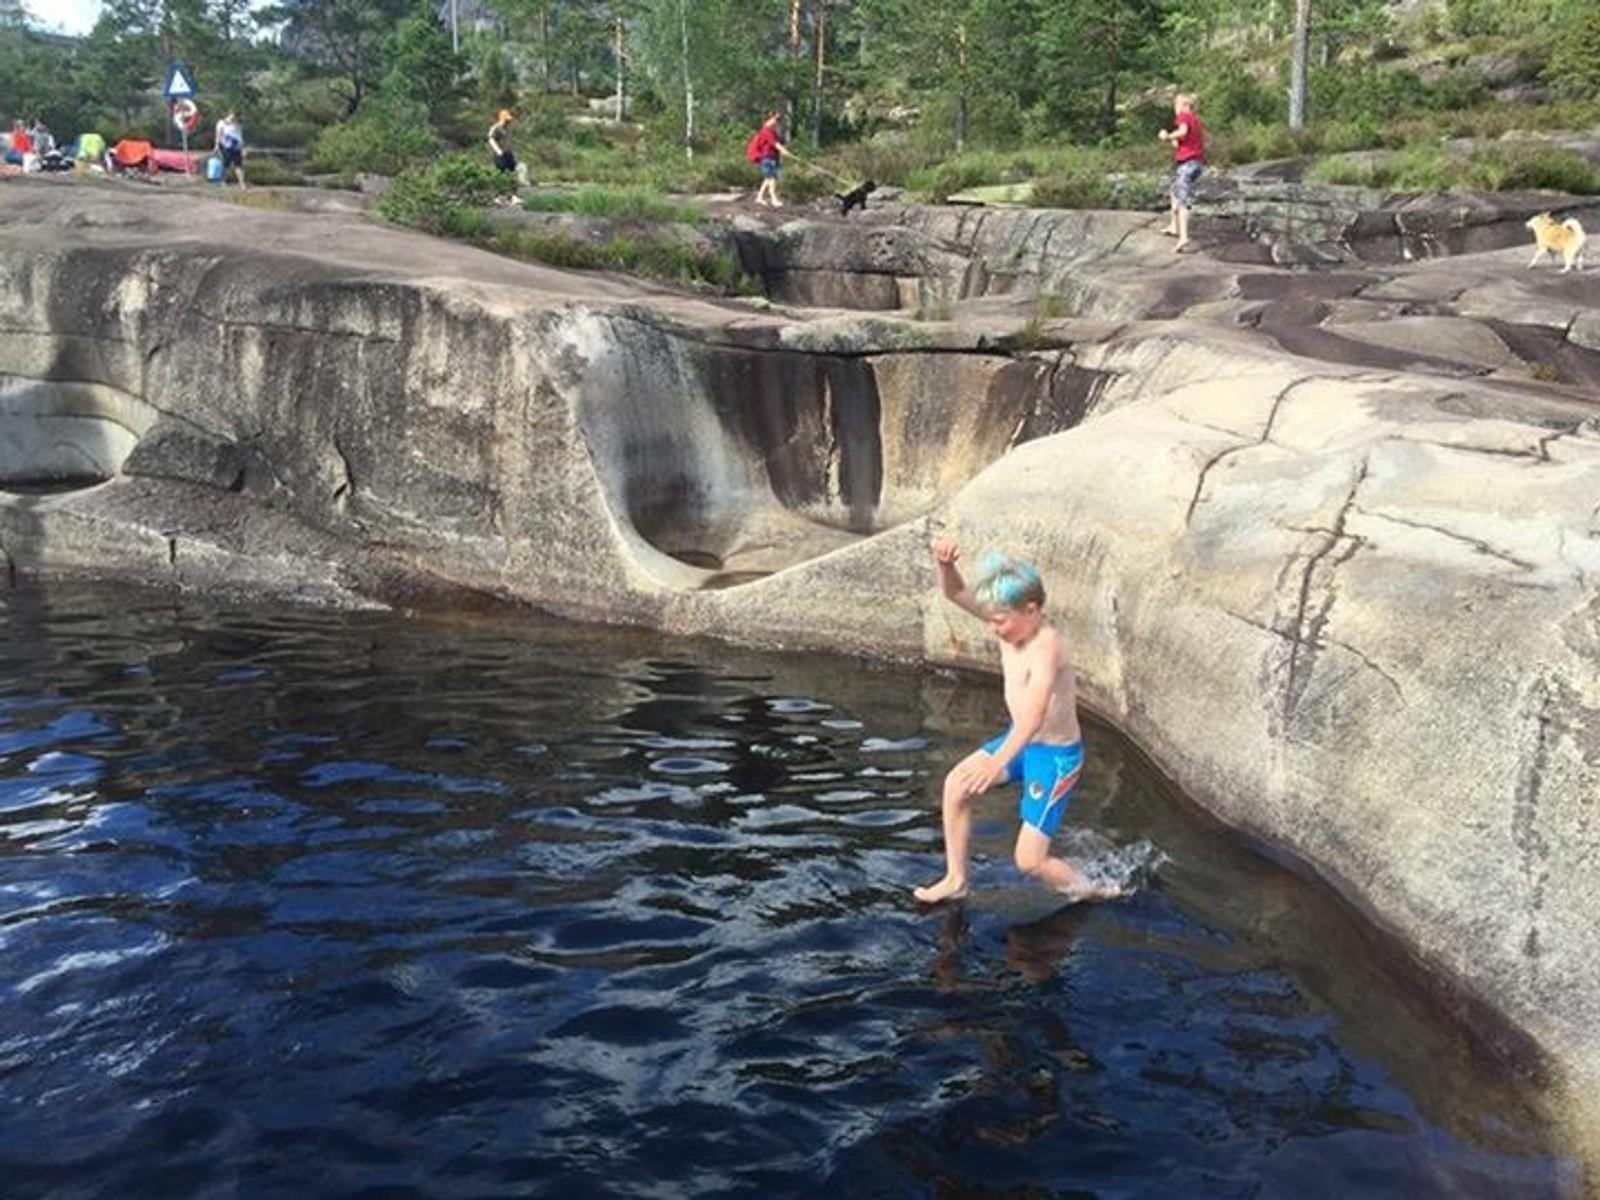 JETTEGRYTENE I NISSEDAL: Badeplassen er nominert av Torgeir Aarak.